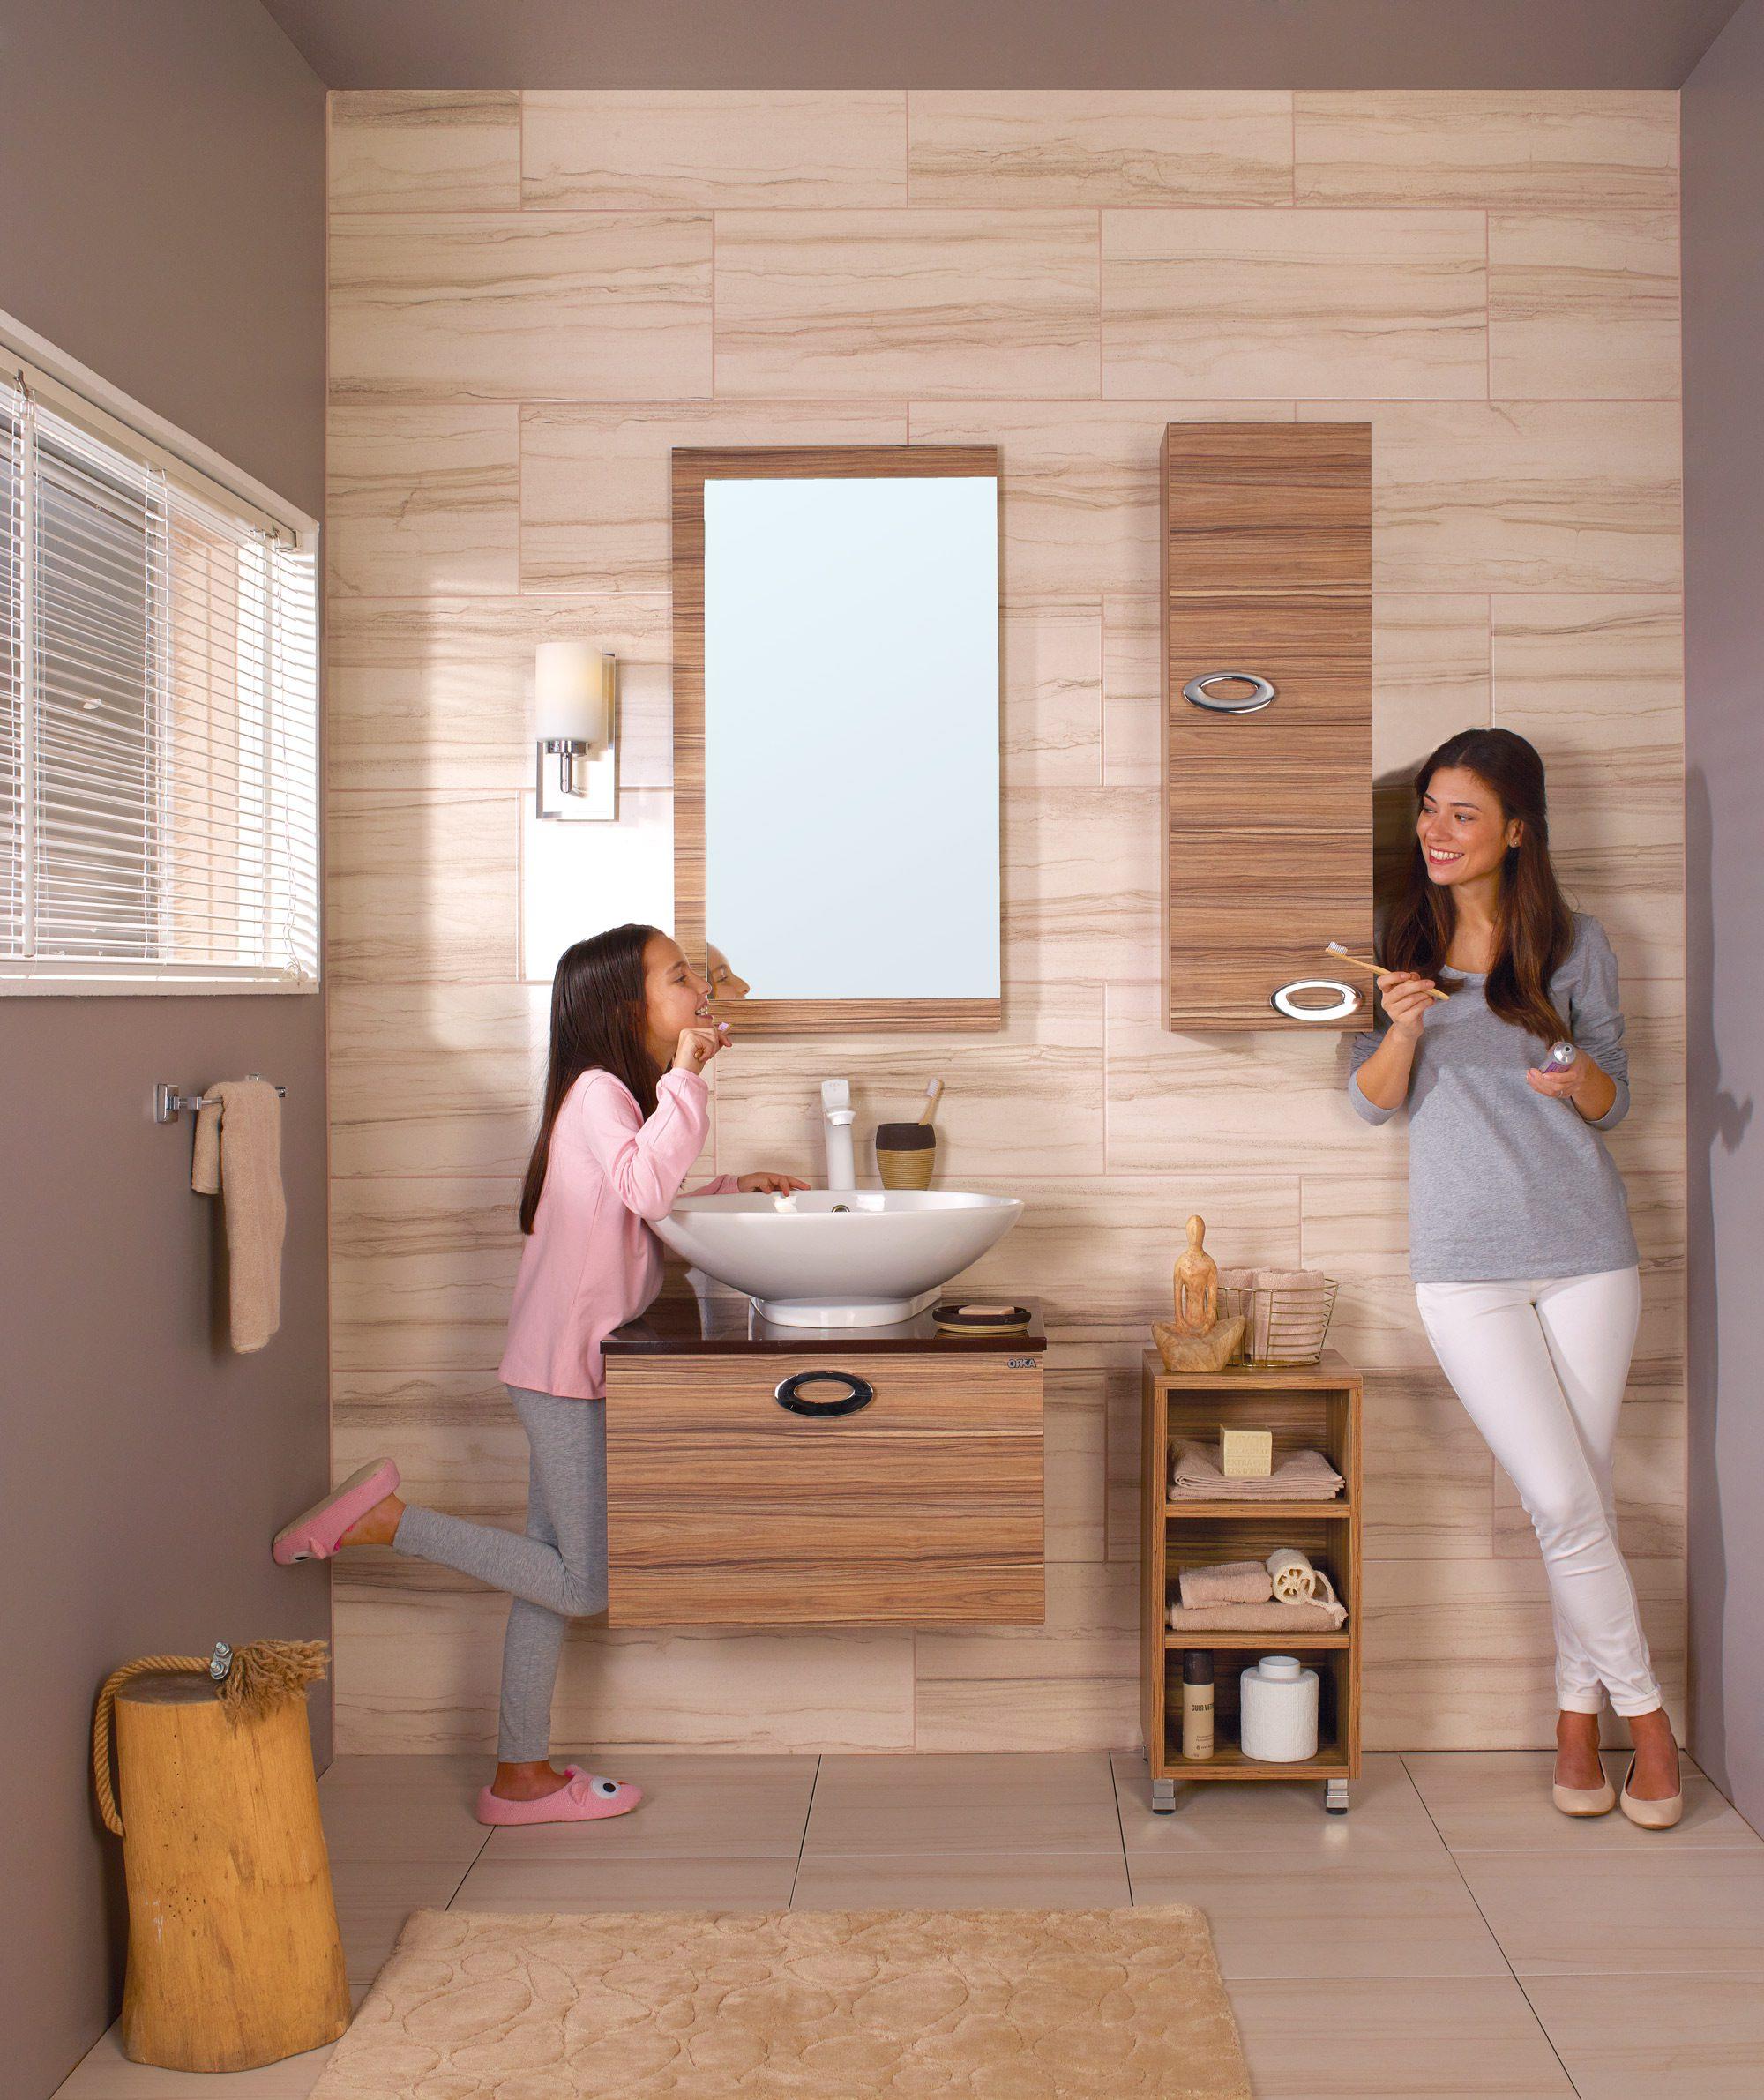 Banyolar için dekorasyon önerileri.